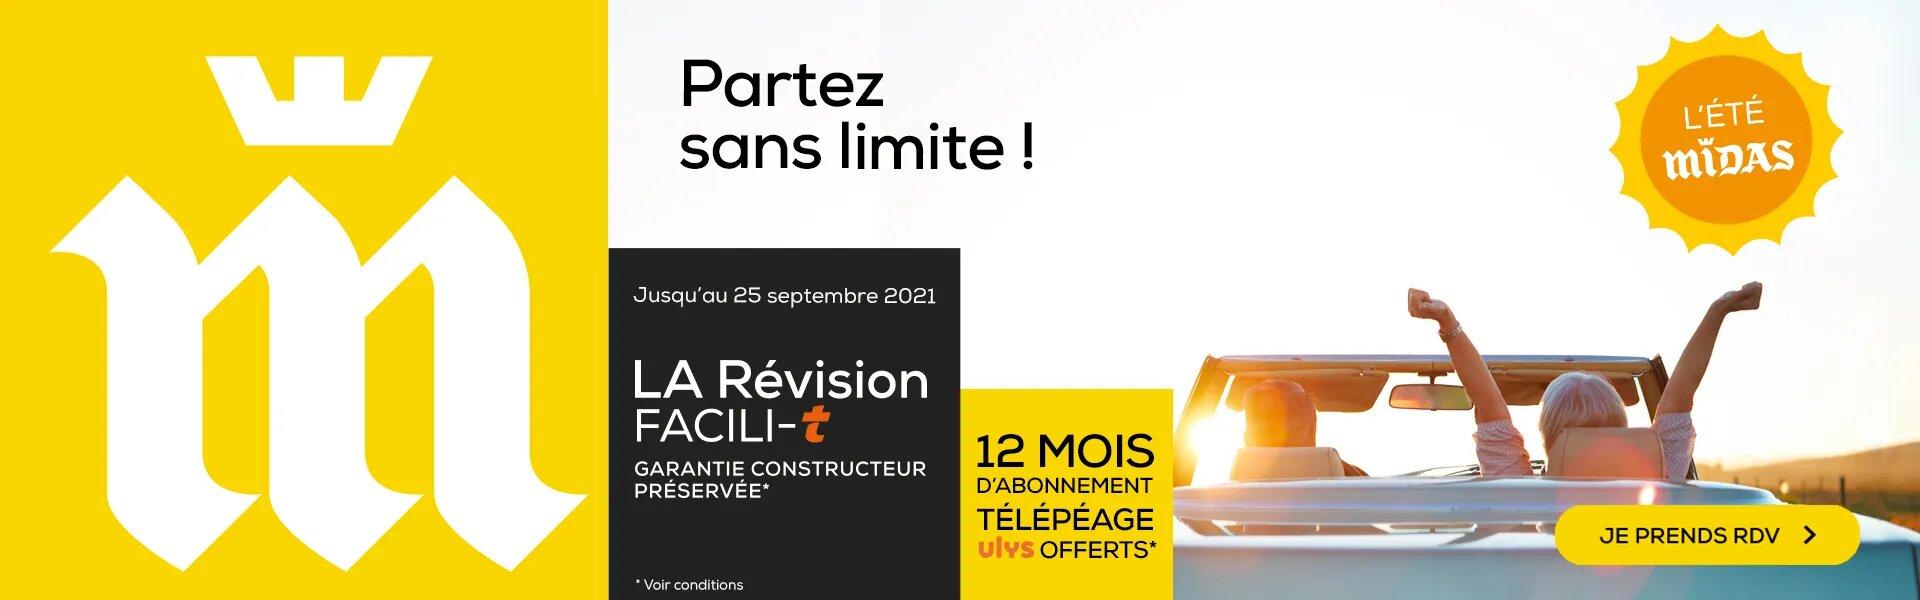 LA Révision Facili-t : 12 mois d'abonnement télépéage ULYS offerts